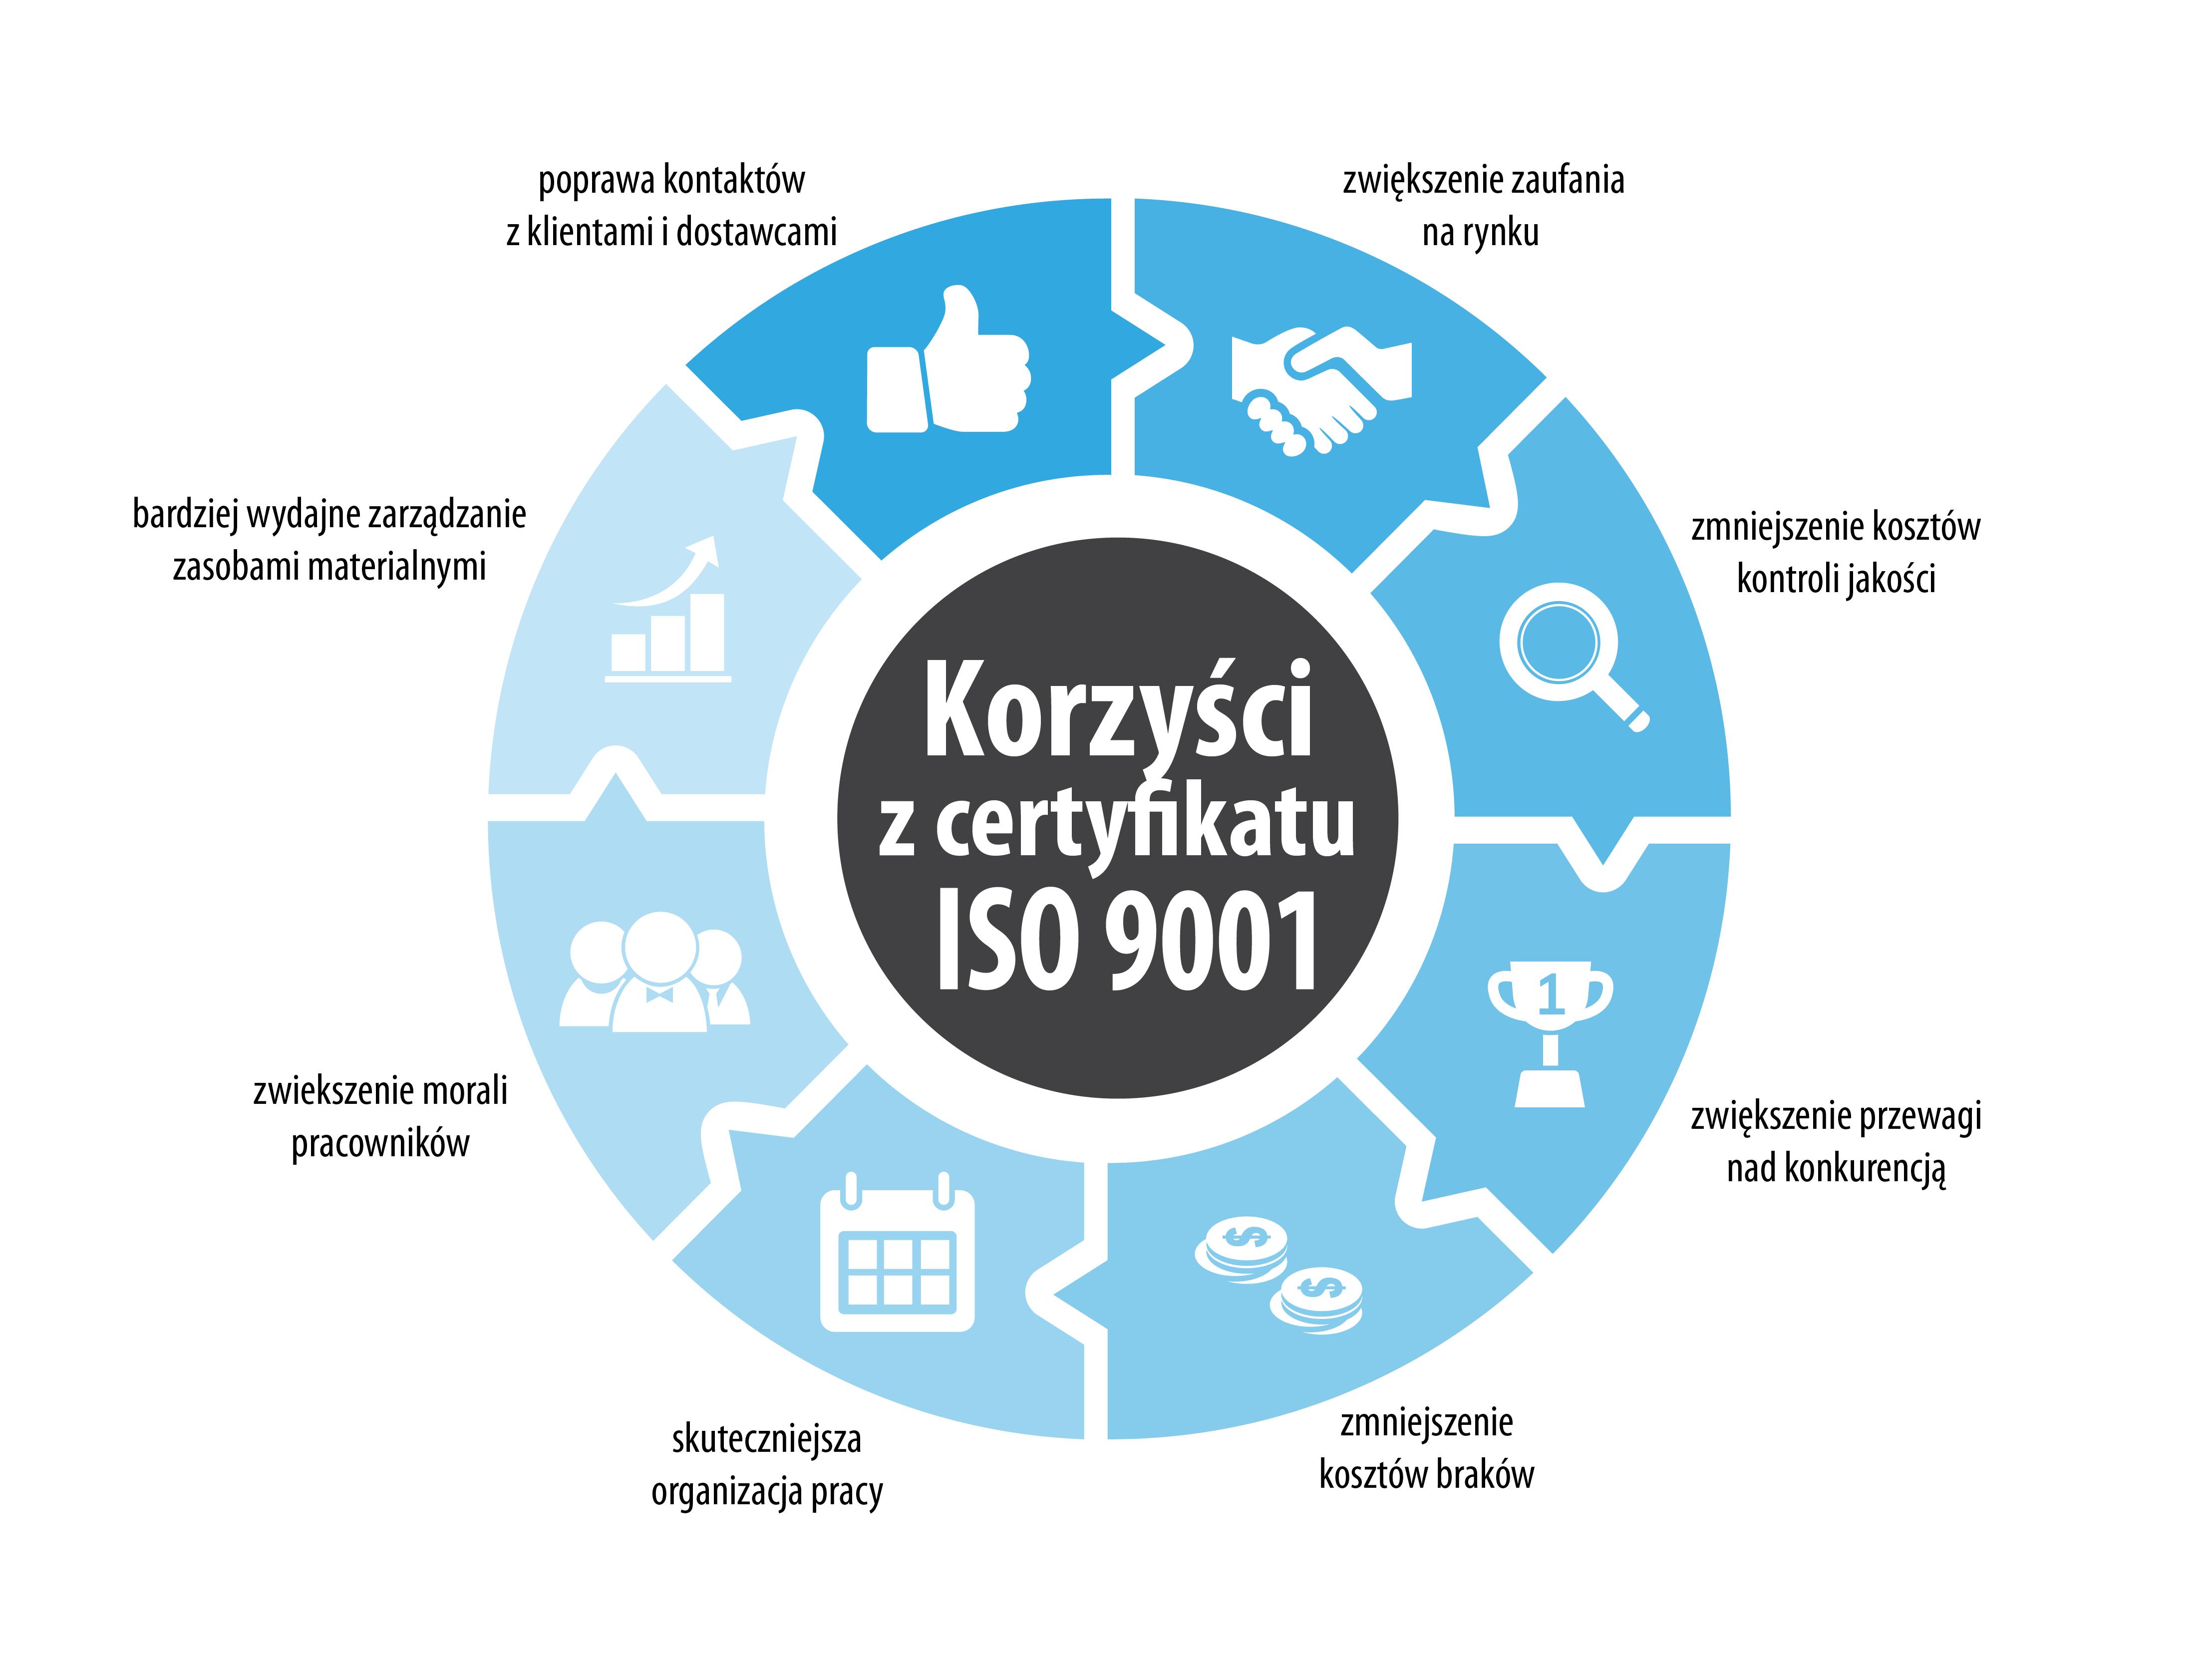 zarządzanie produkcją, normy jakości, usprawnienie produkcji, HACAP, ISO, TQM